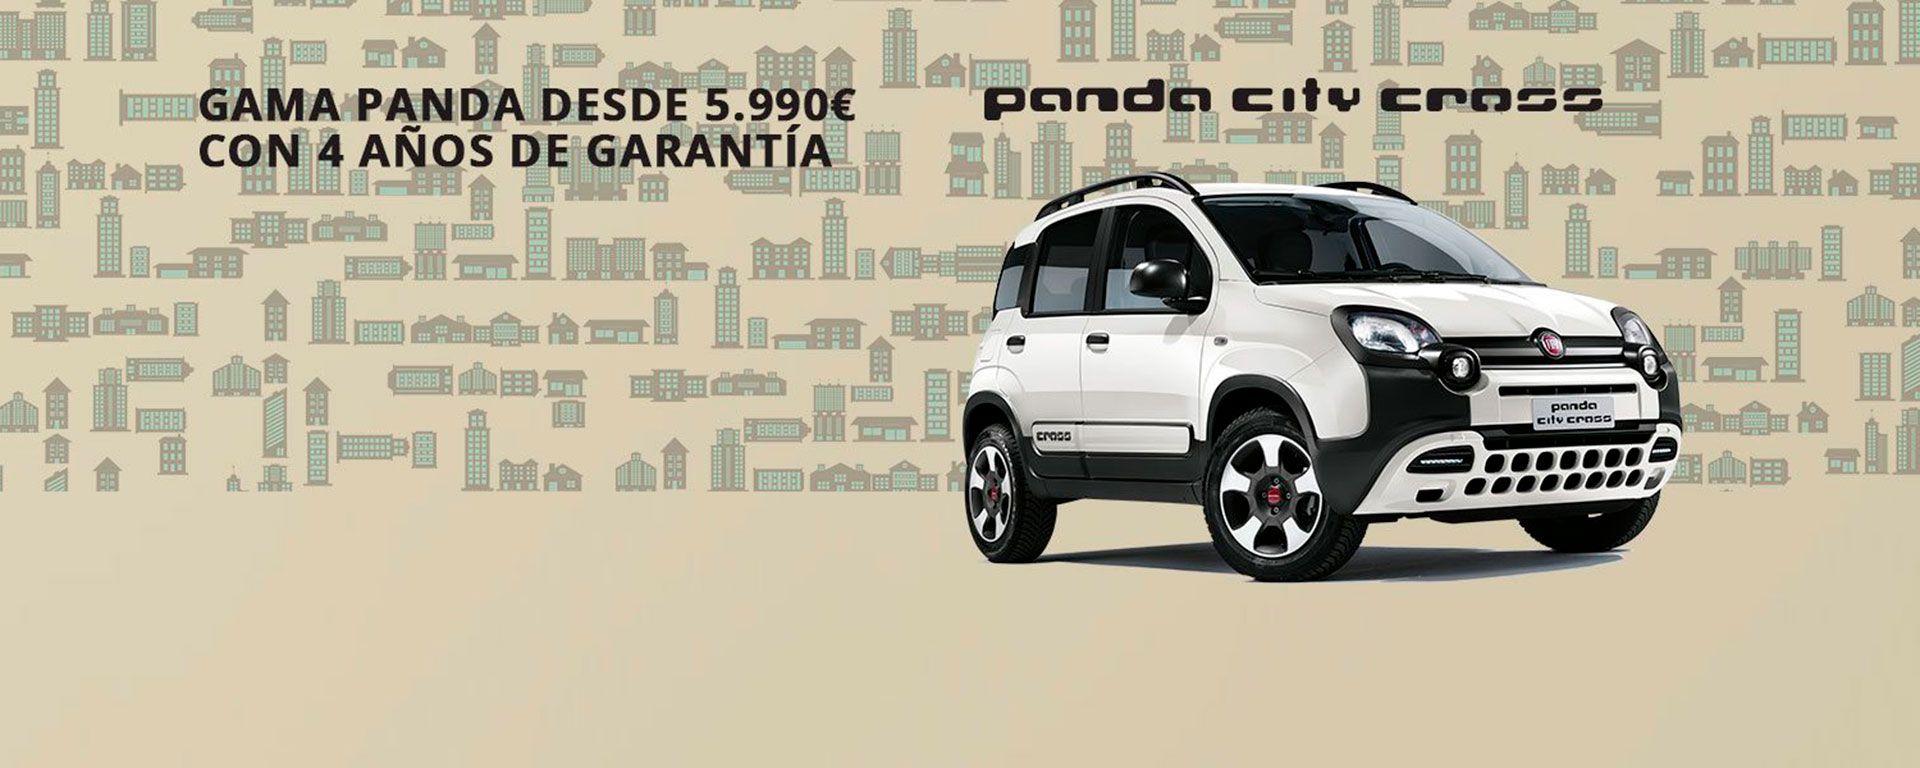 GAMA PANDA